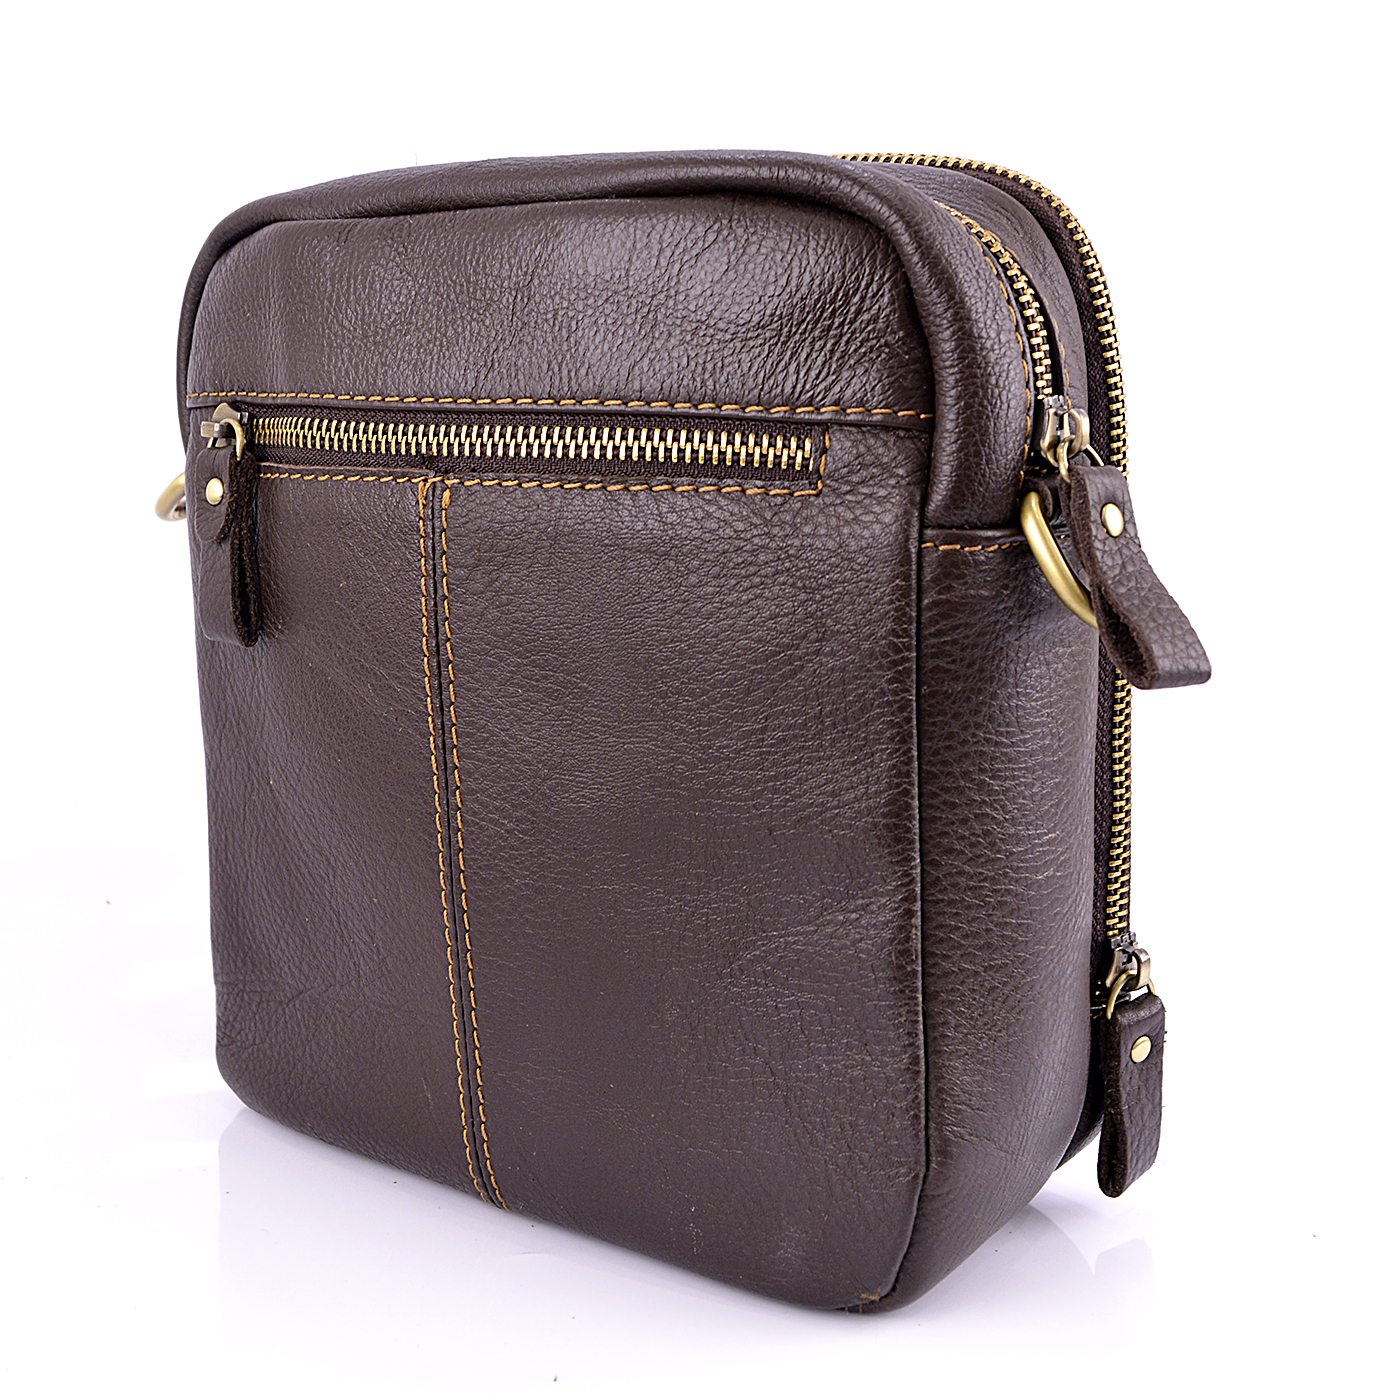 bfda96a01015 Планшет мужской кожаный — купить в интернет-магазине «Мир Сумок»